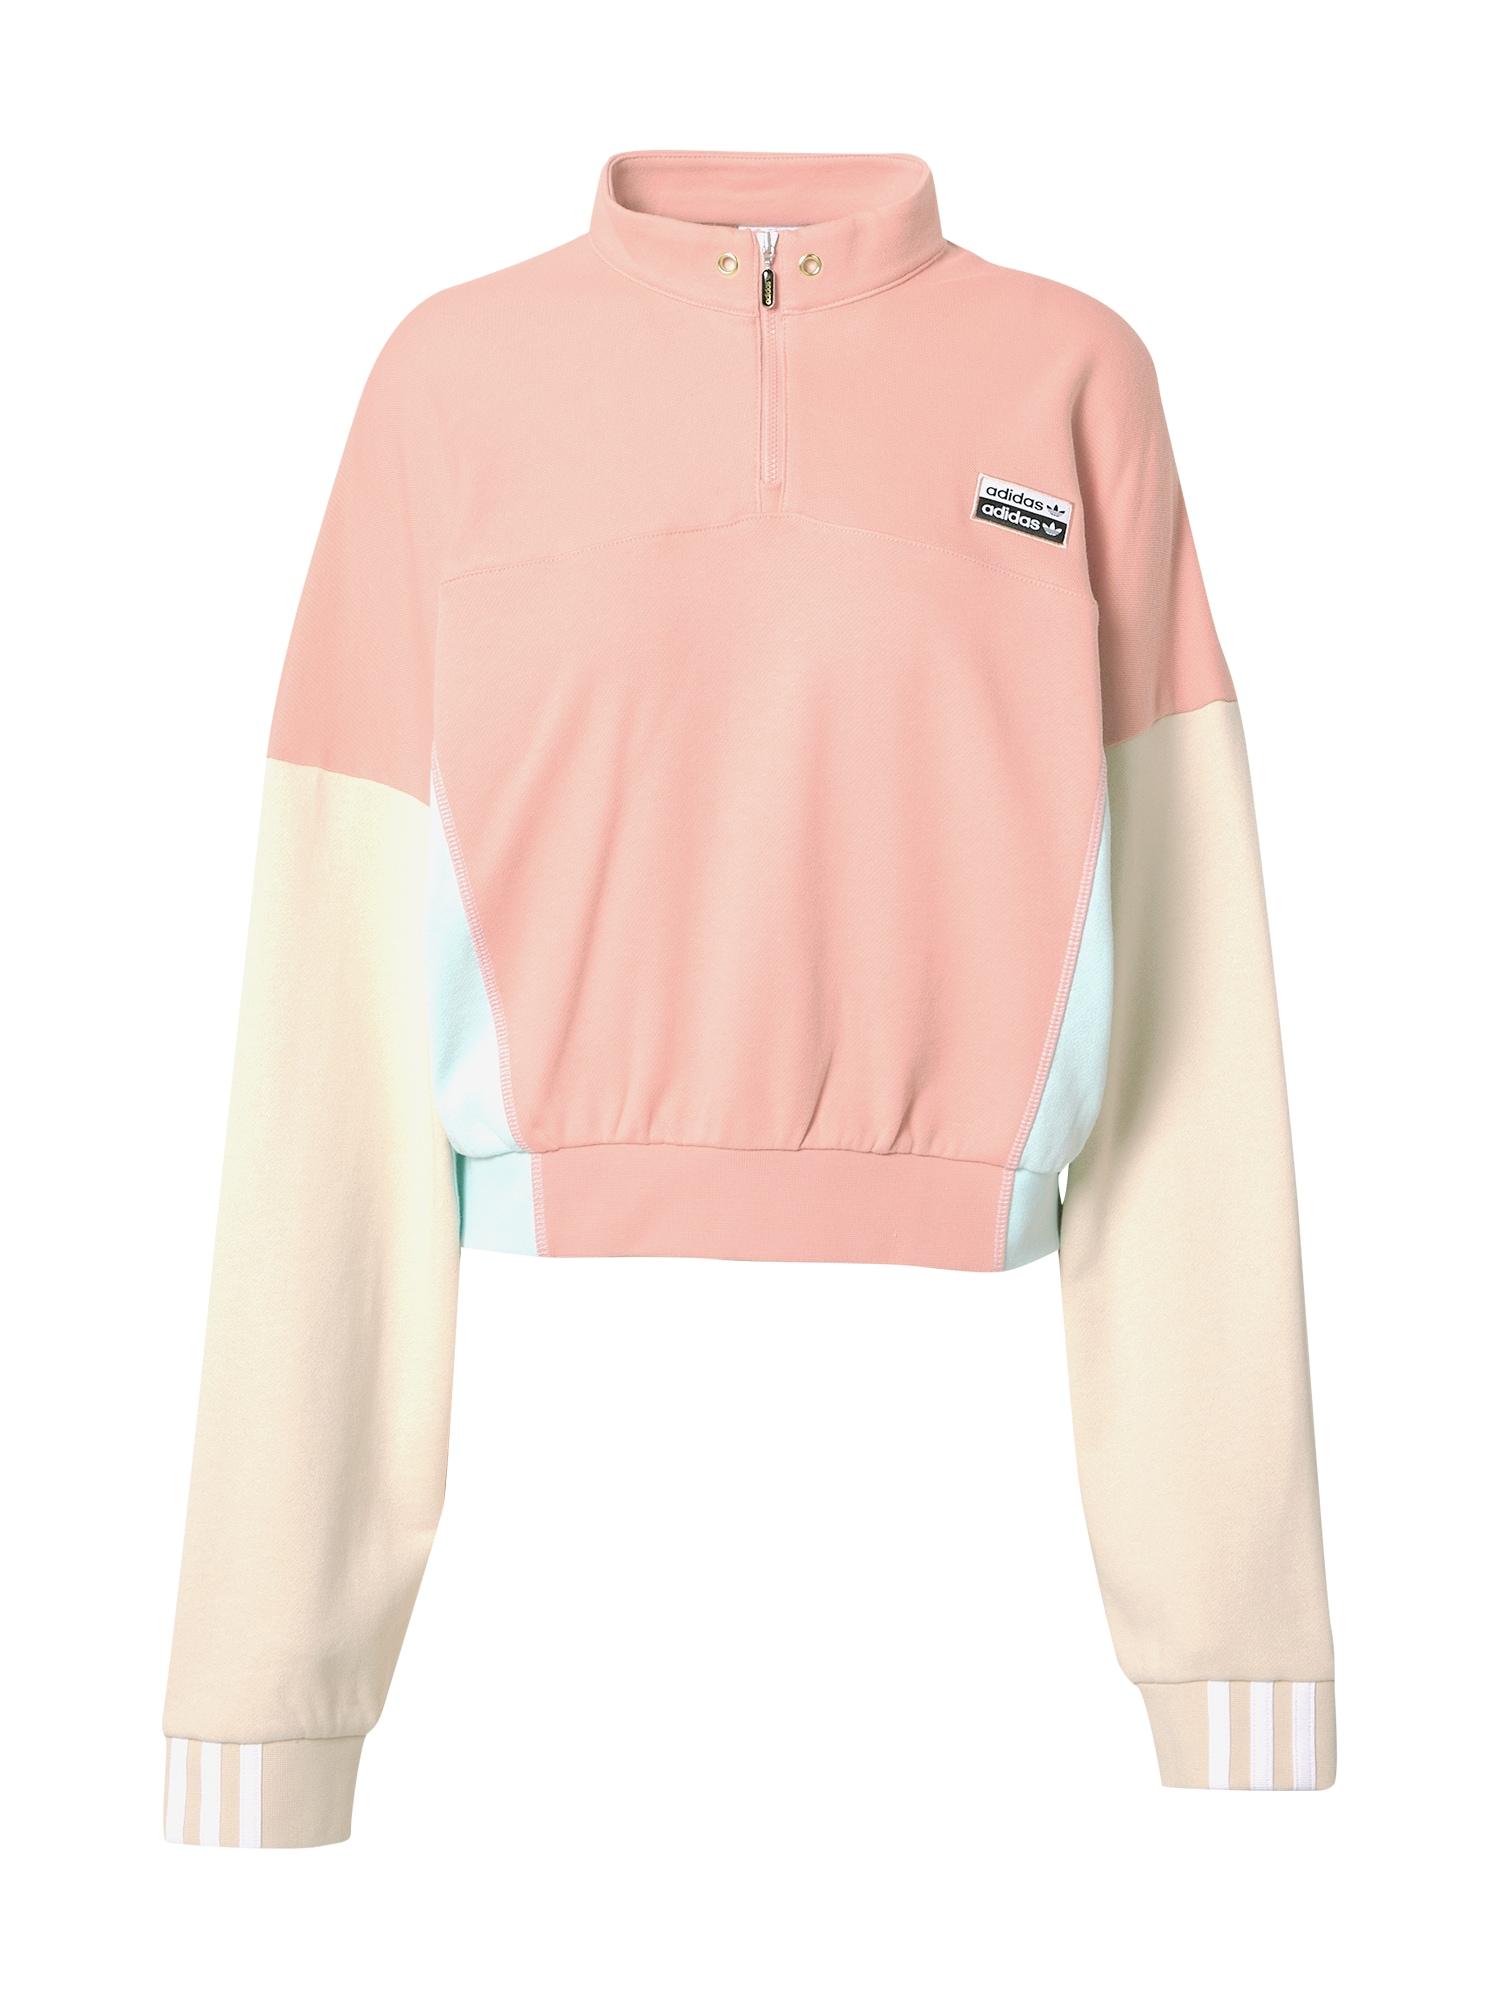 ADIDAS ORIGINALS Megztinis be užsegimo ryškiai rožinė spalva / kremo / šviesiai mėlyna